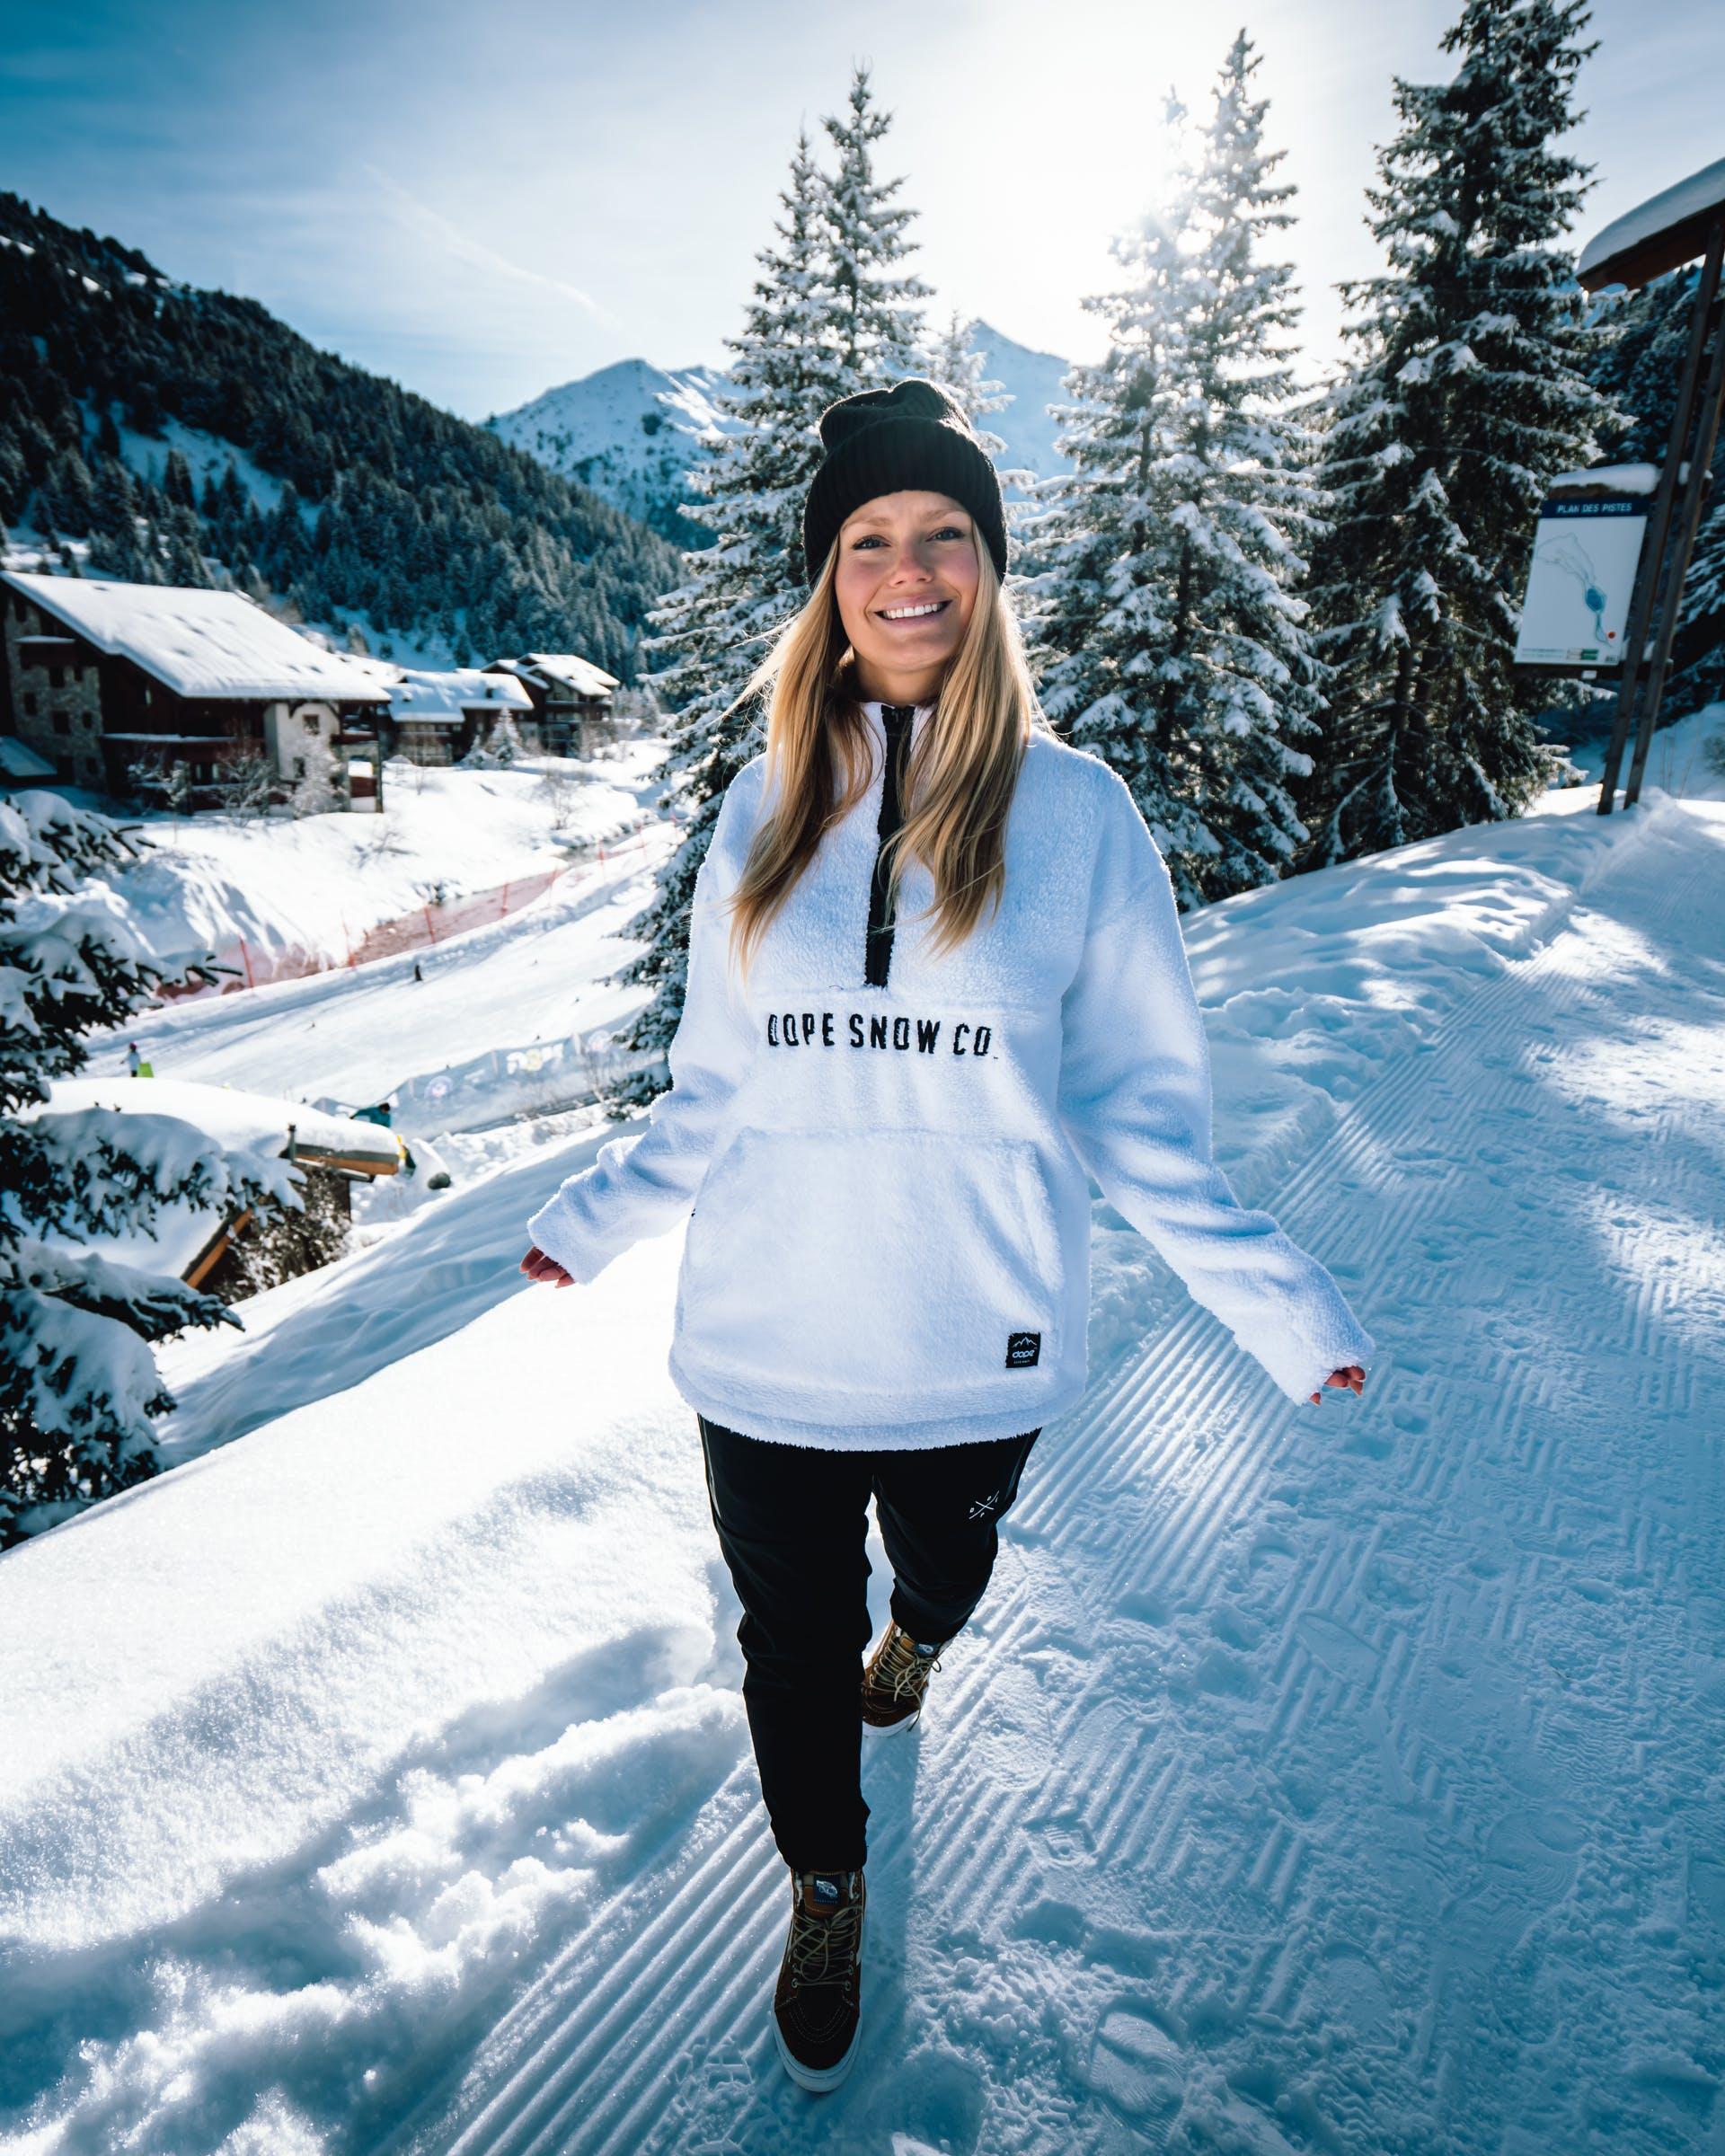 apres-ski-outfit-guide-ridestore-magazine